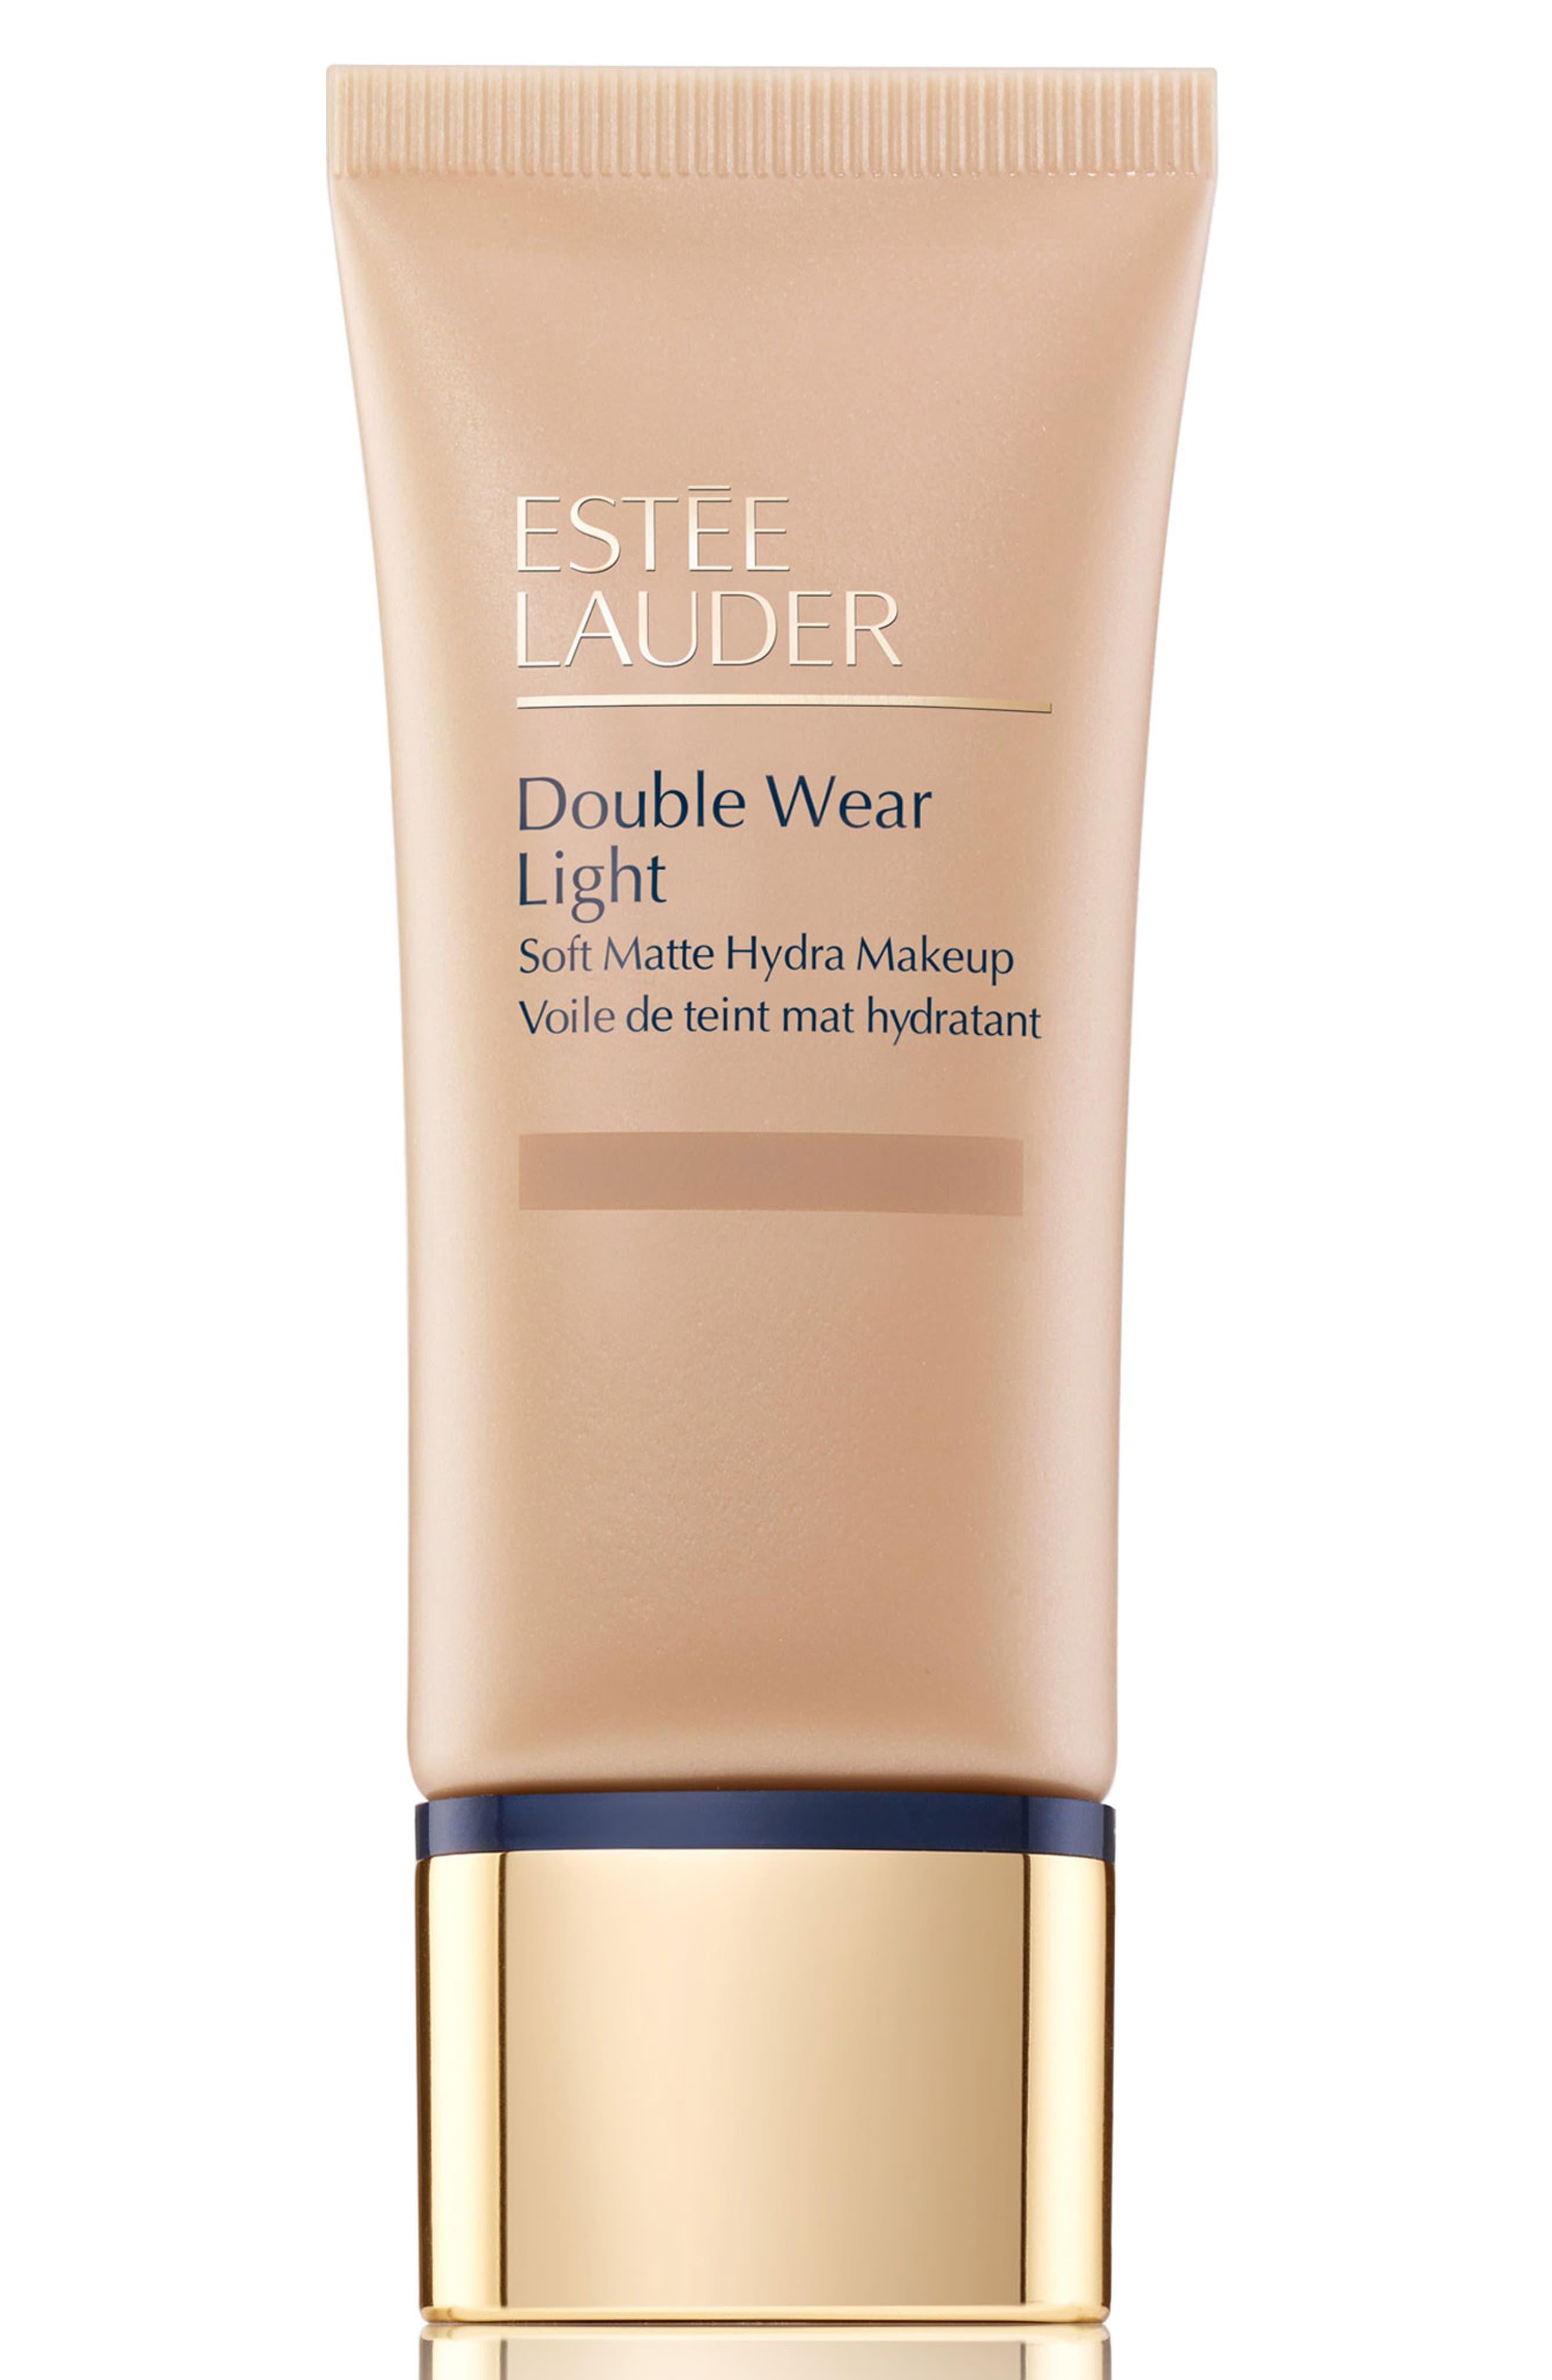 Estee Lauder Double Wear Light Soft Matte Hydra Makeup - 2N3 Dune